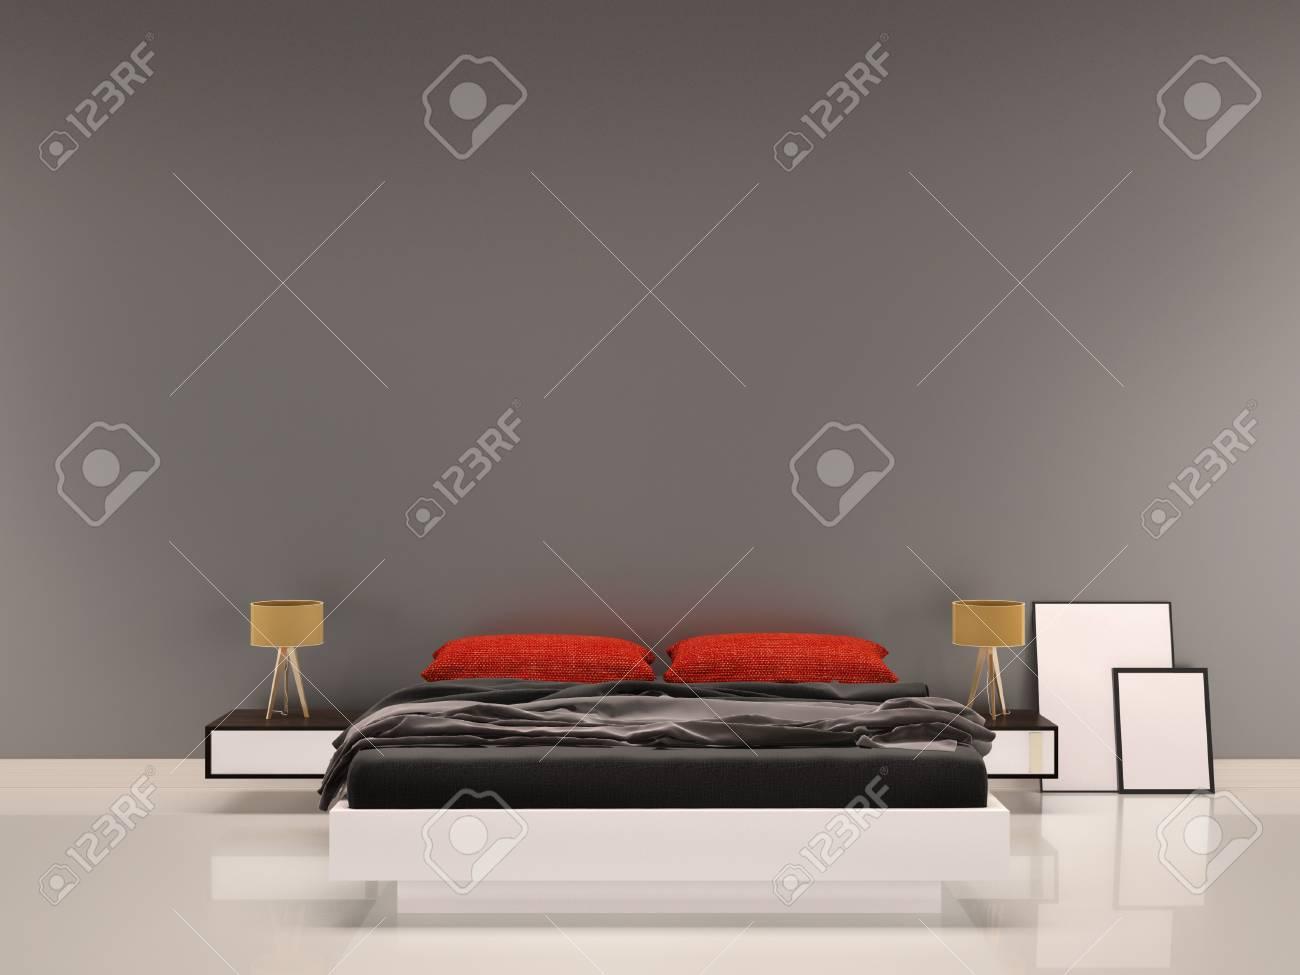 Captivant Banque Du0027images   Chambre à Coucher Avec Oreiller Rouge Gris Mur Fond  Intérieur